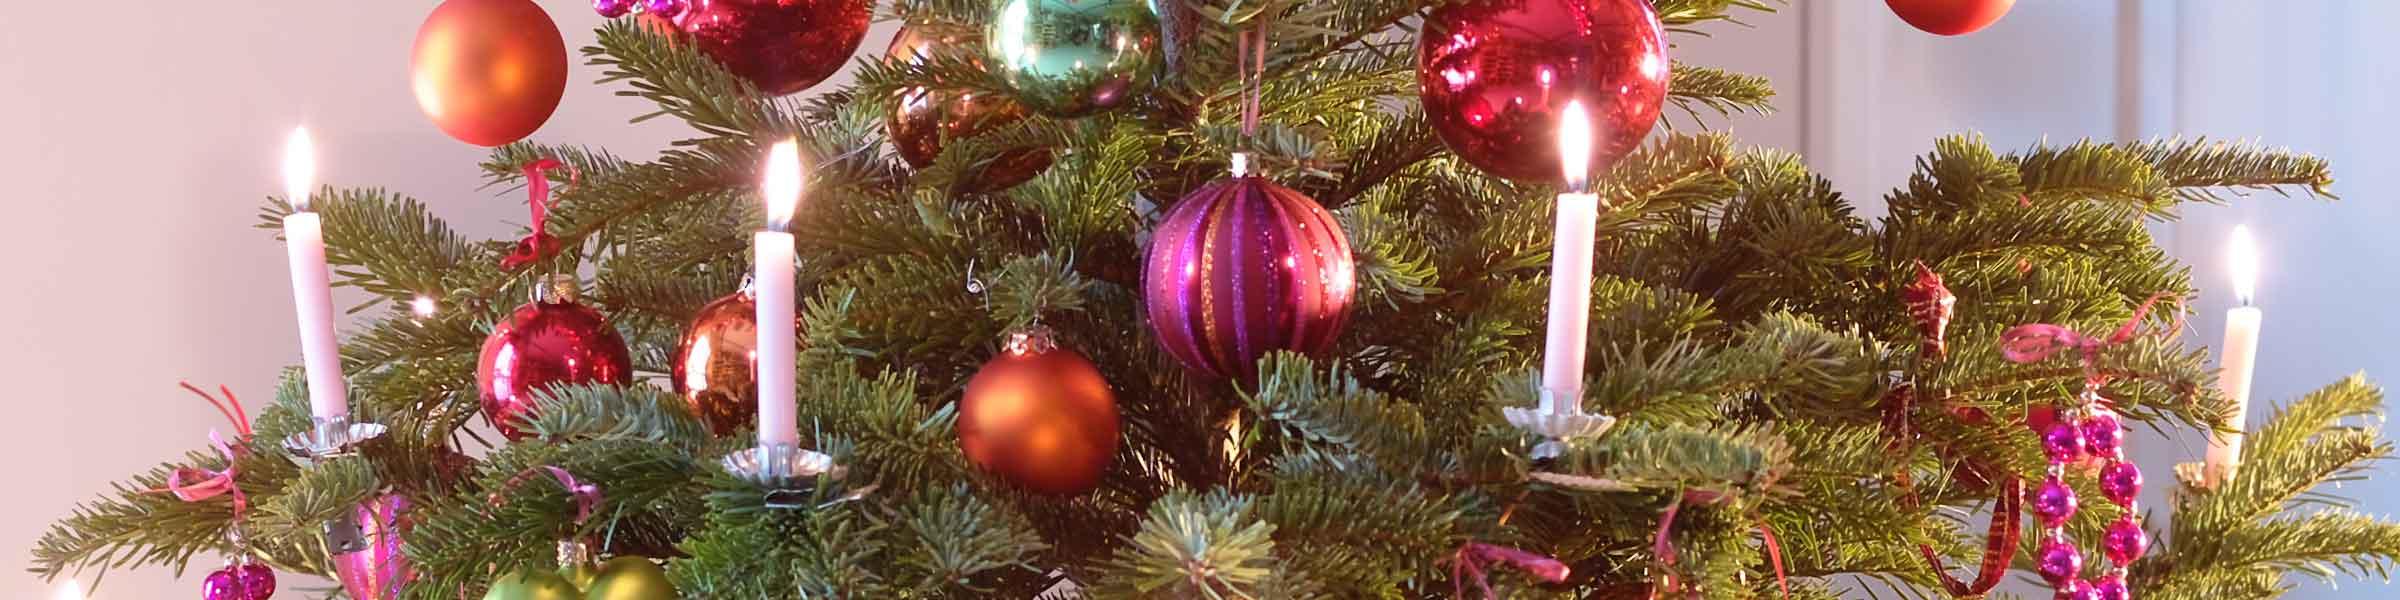 wundersch ne weihnachtsbaumkerzen finden sie jetzt dehner. Black Bedroom Furniture Sets. Home Design Ideas